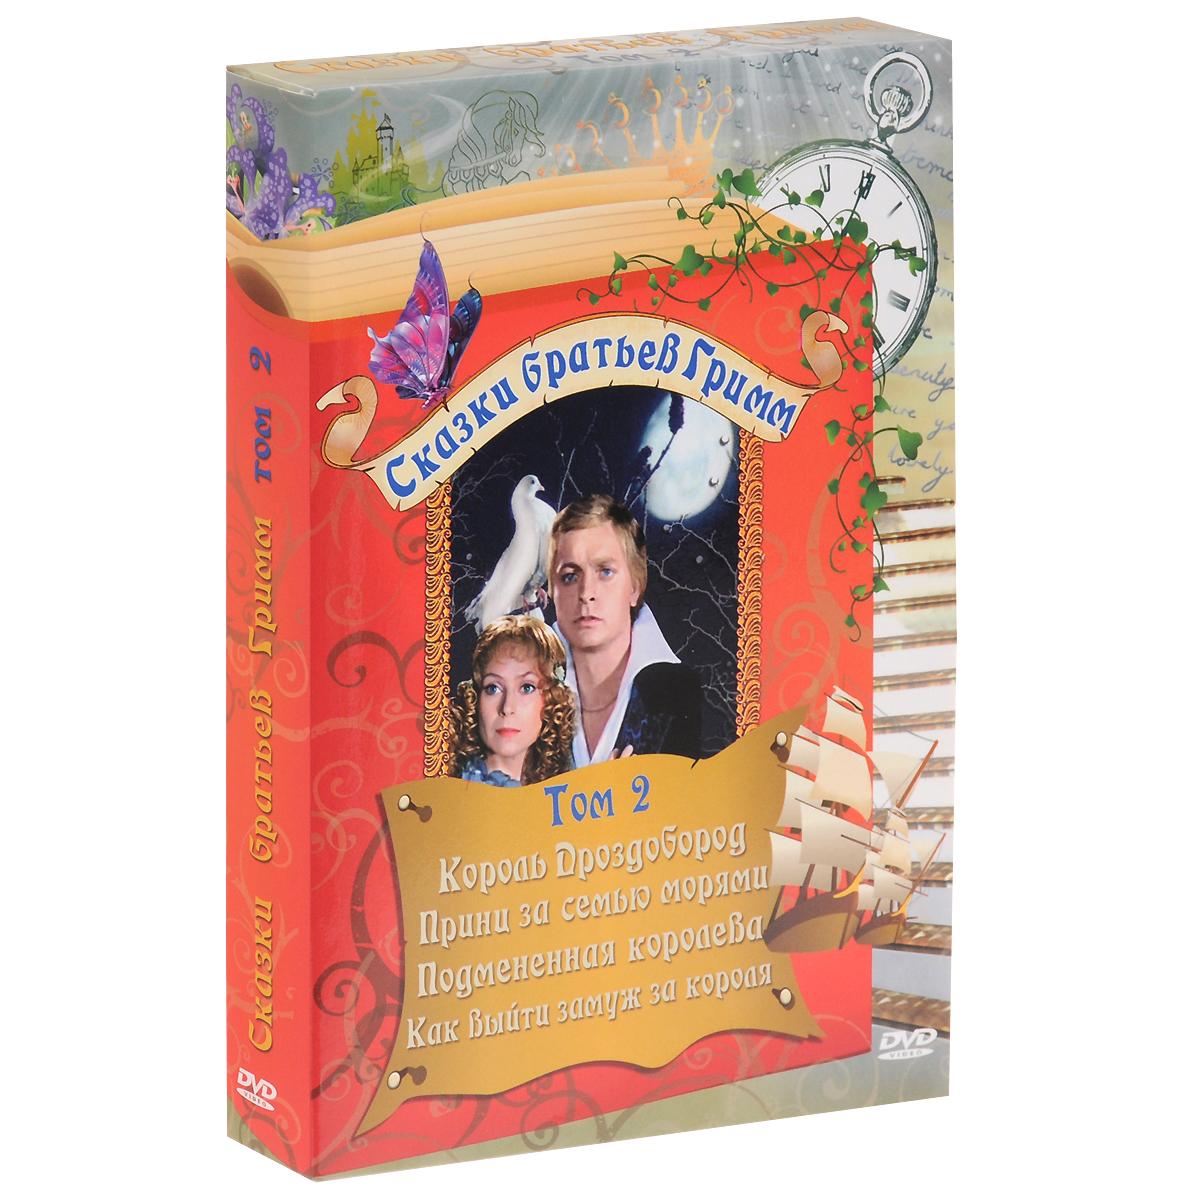 Сказки братьев Гримм: Том 2 (4 DVD) коллекция фильмов комедии выпуск 2 4 dvd